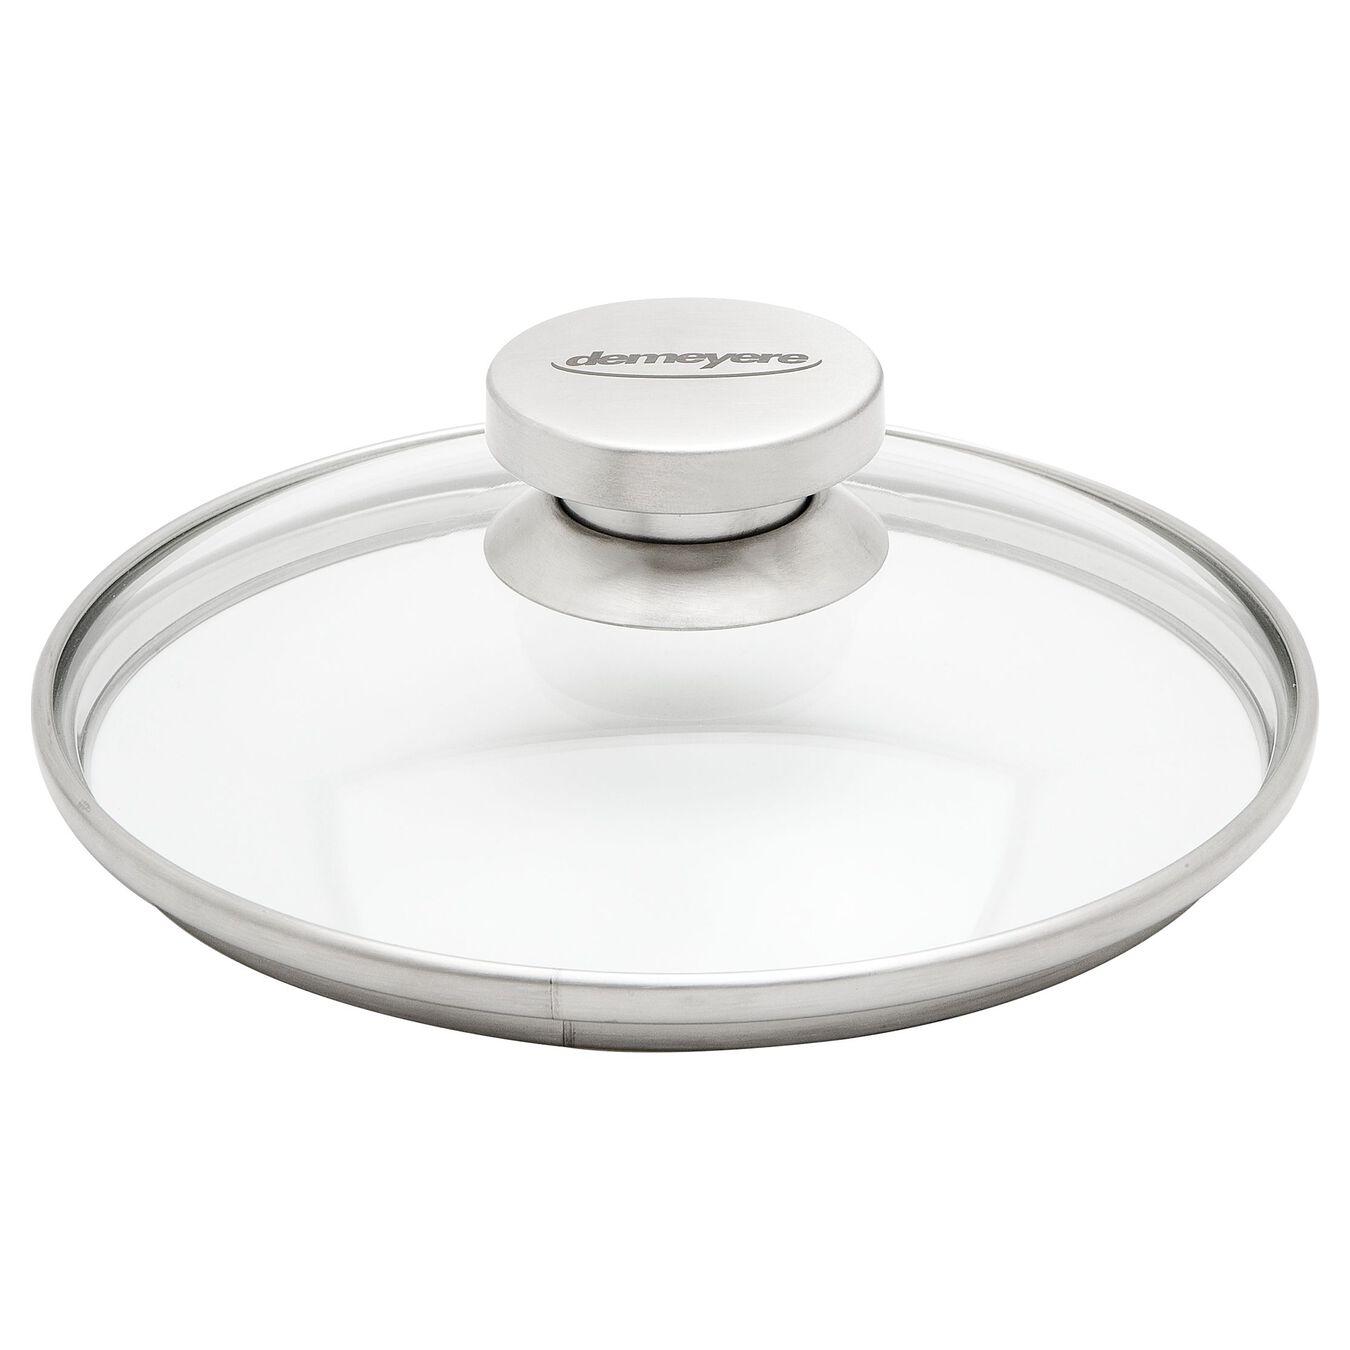 Coperchio - 18 cm, vetro,,large 1